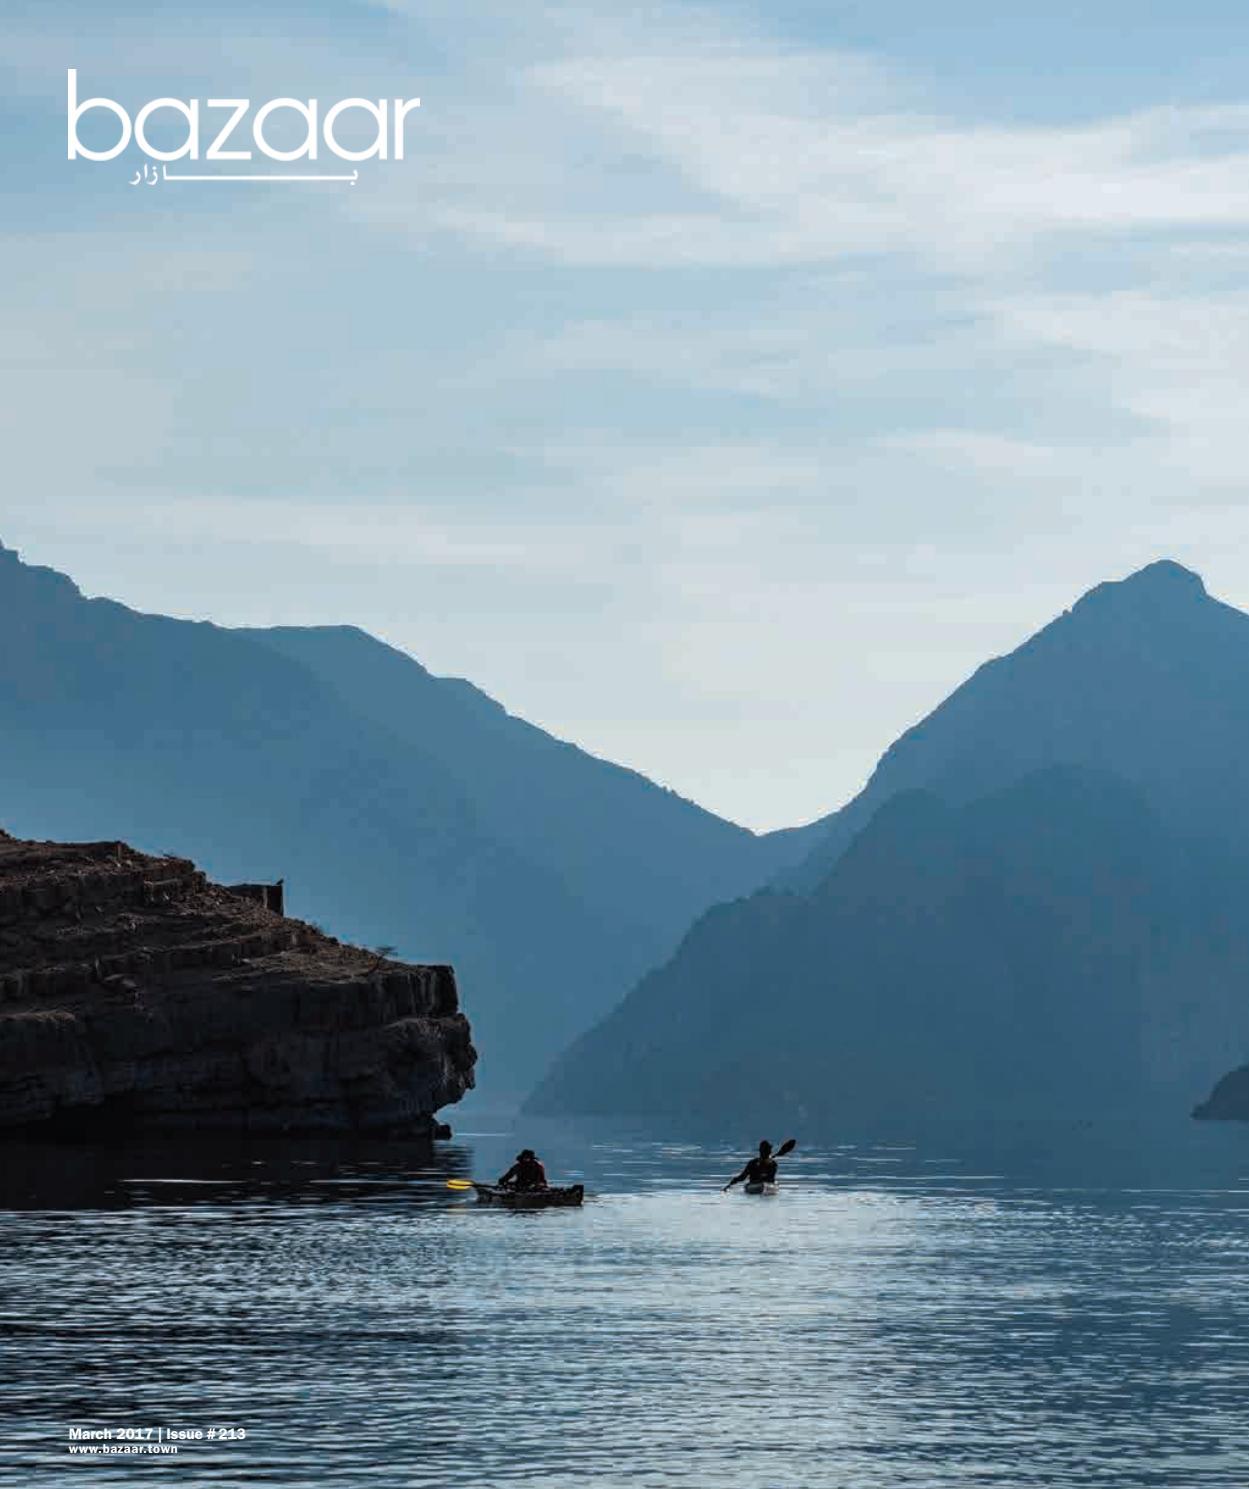 bazaar March 2017 issue by bazaar magazine - issuu